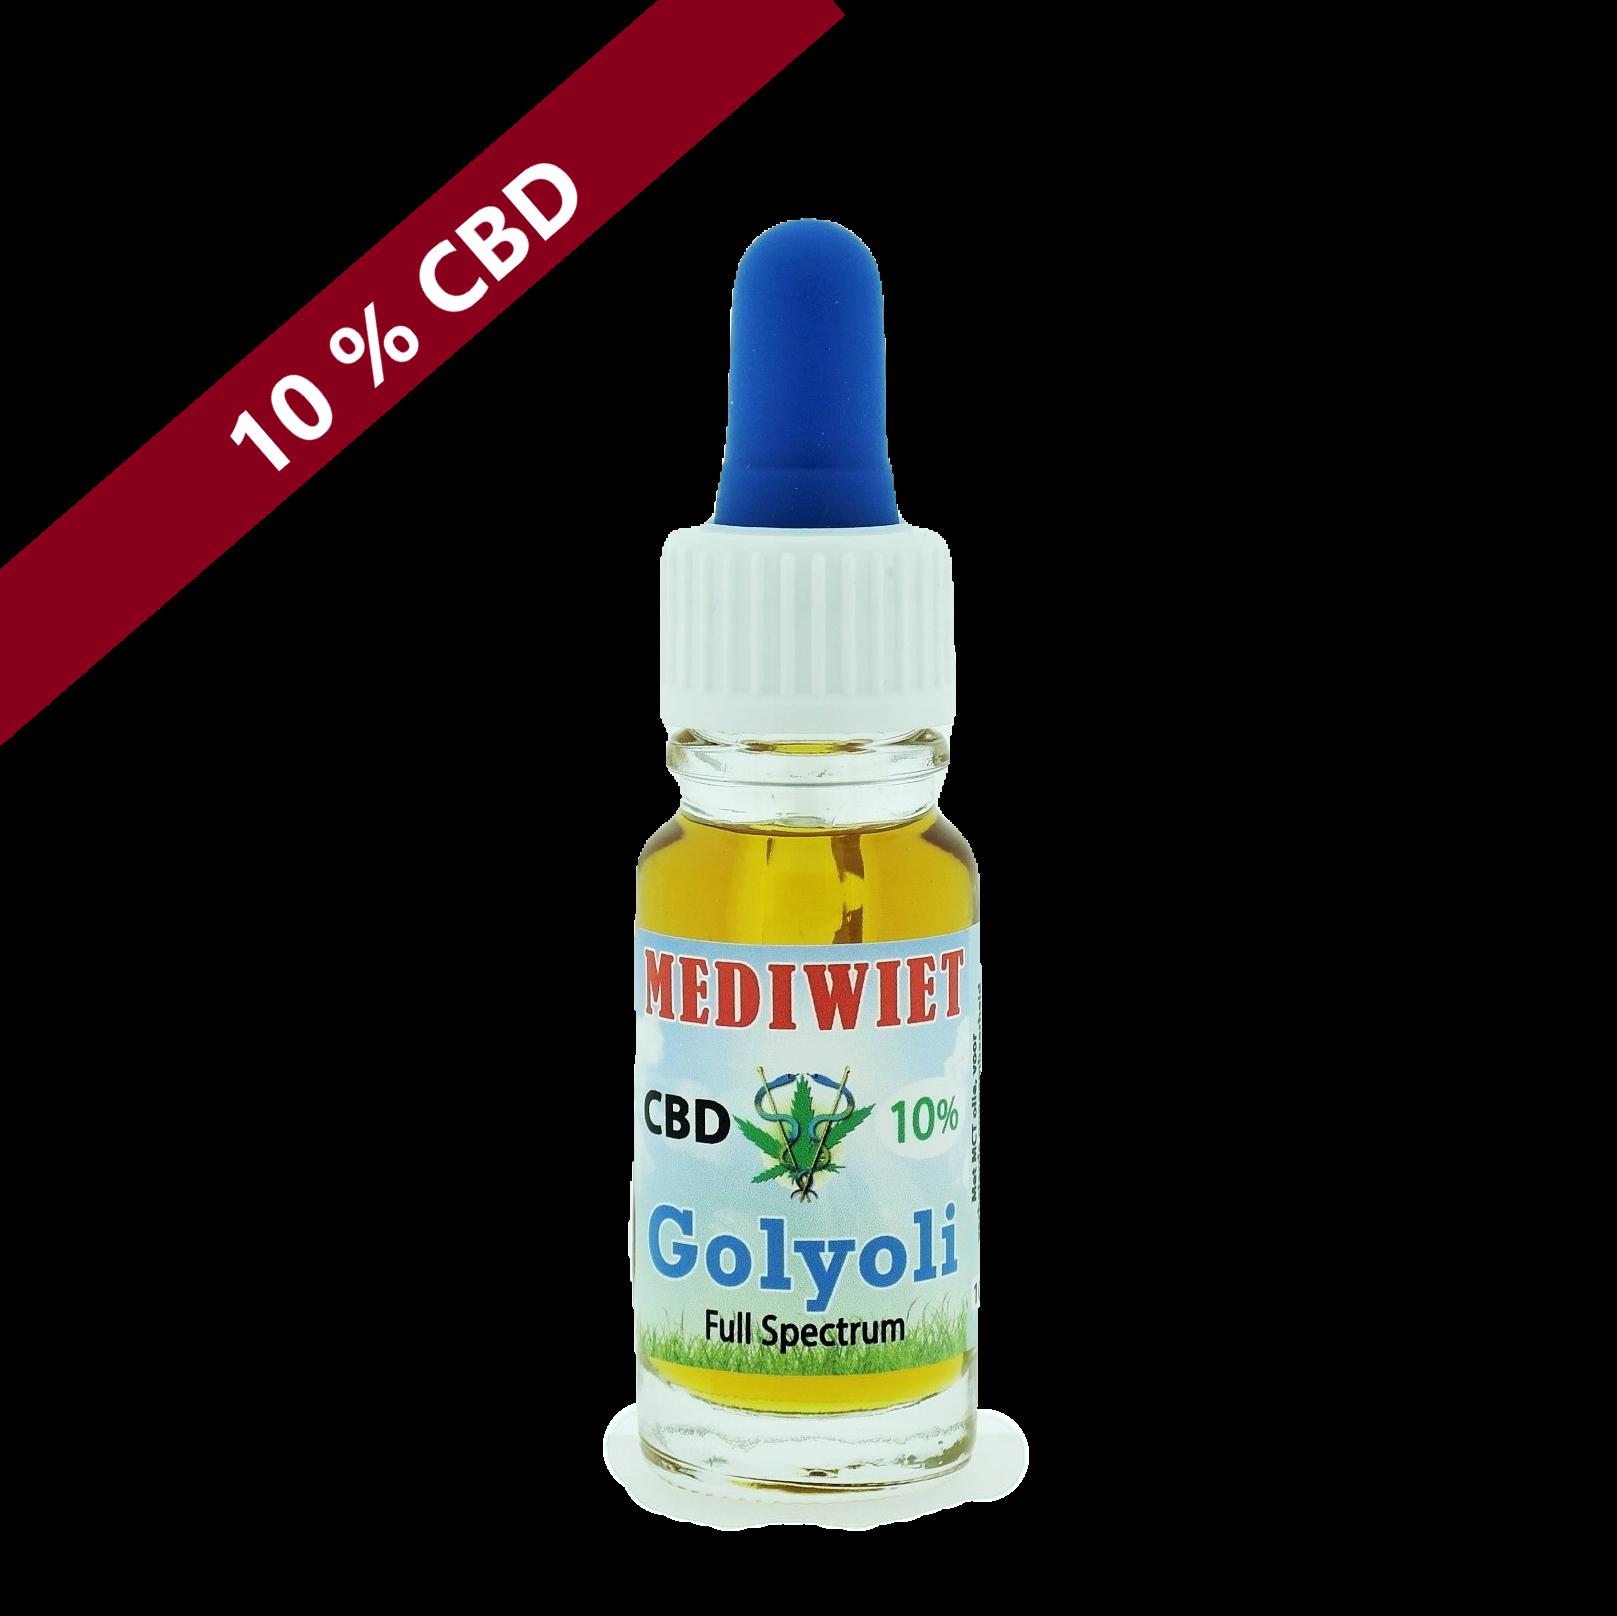 Golyoli 10% (10ml)